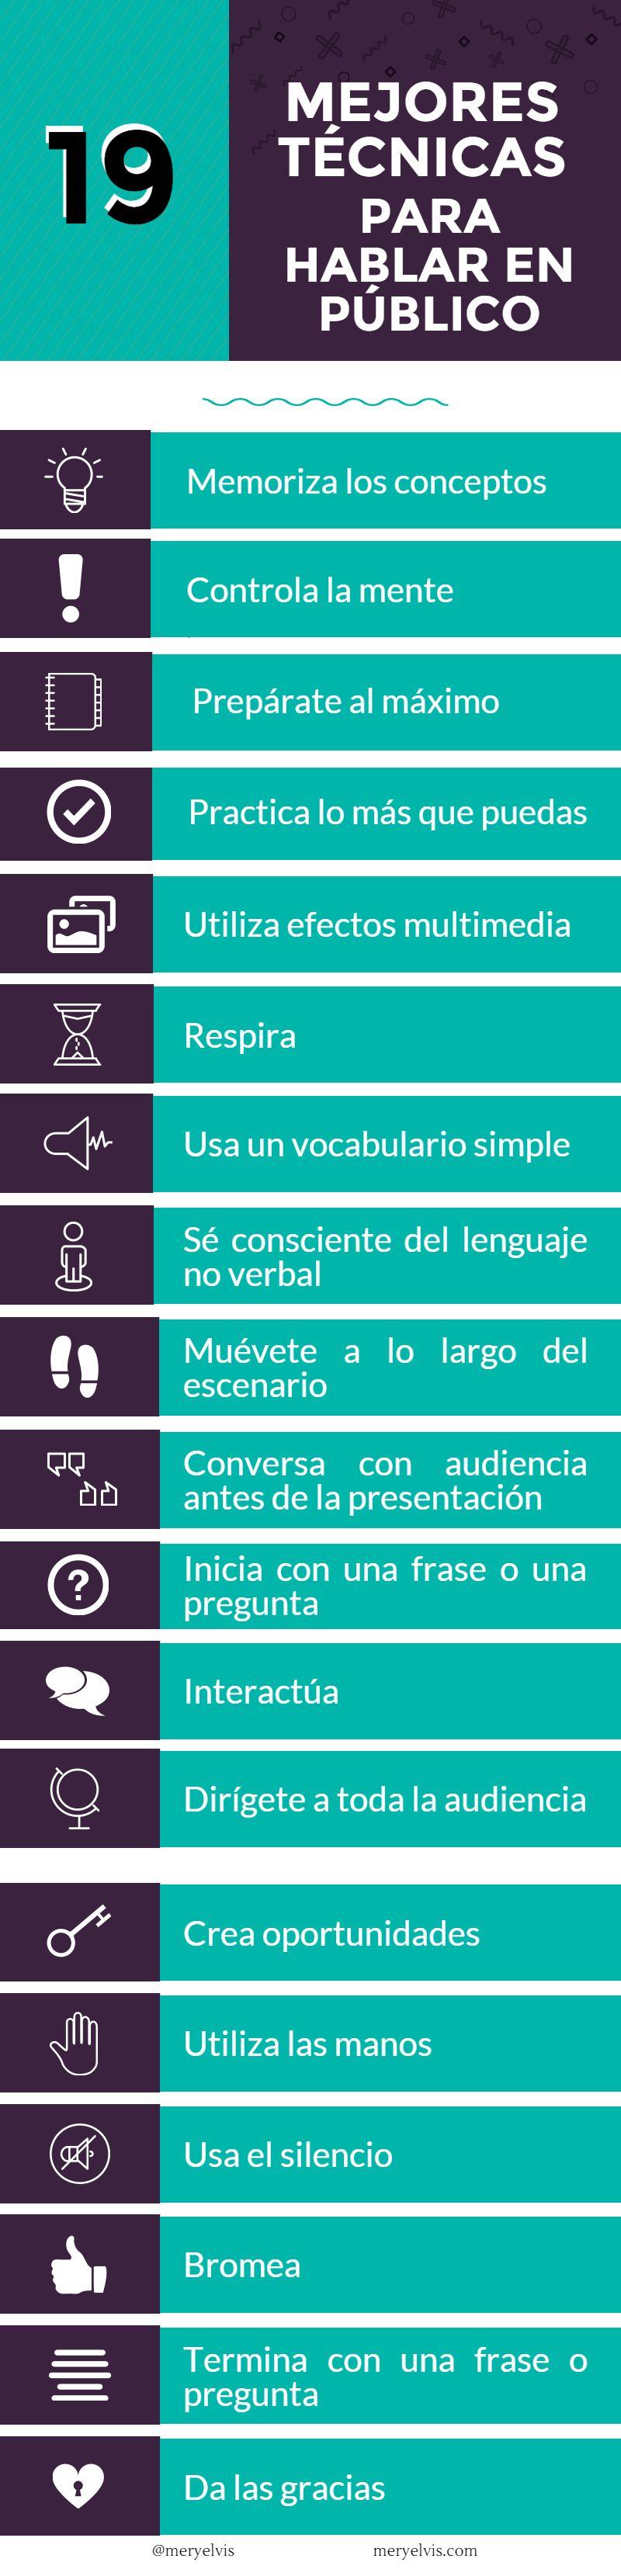 19 buenas técnicas para hablar en público (infografía)